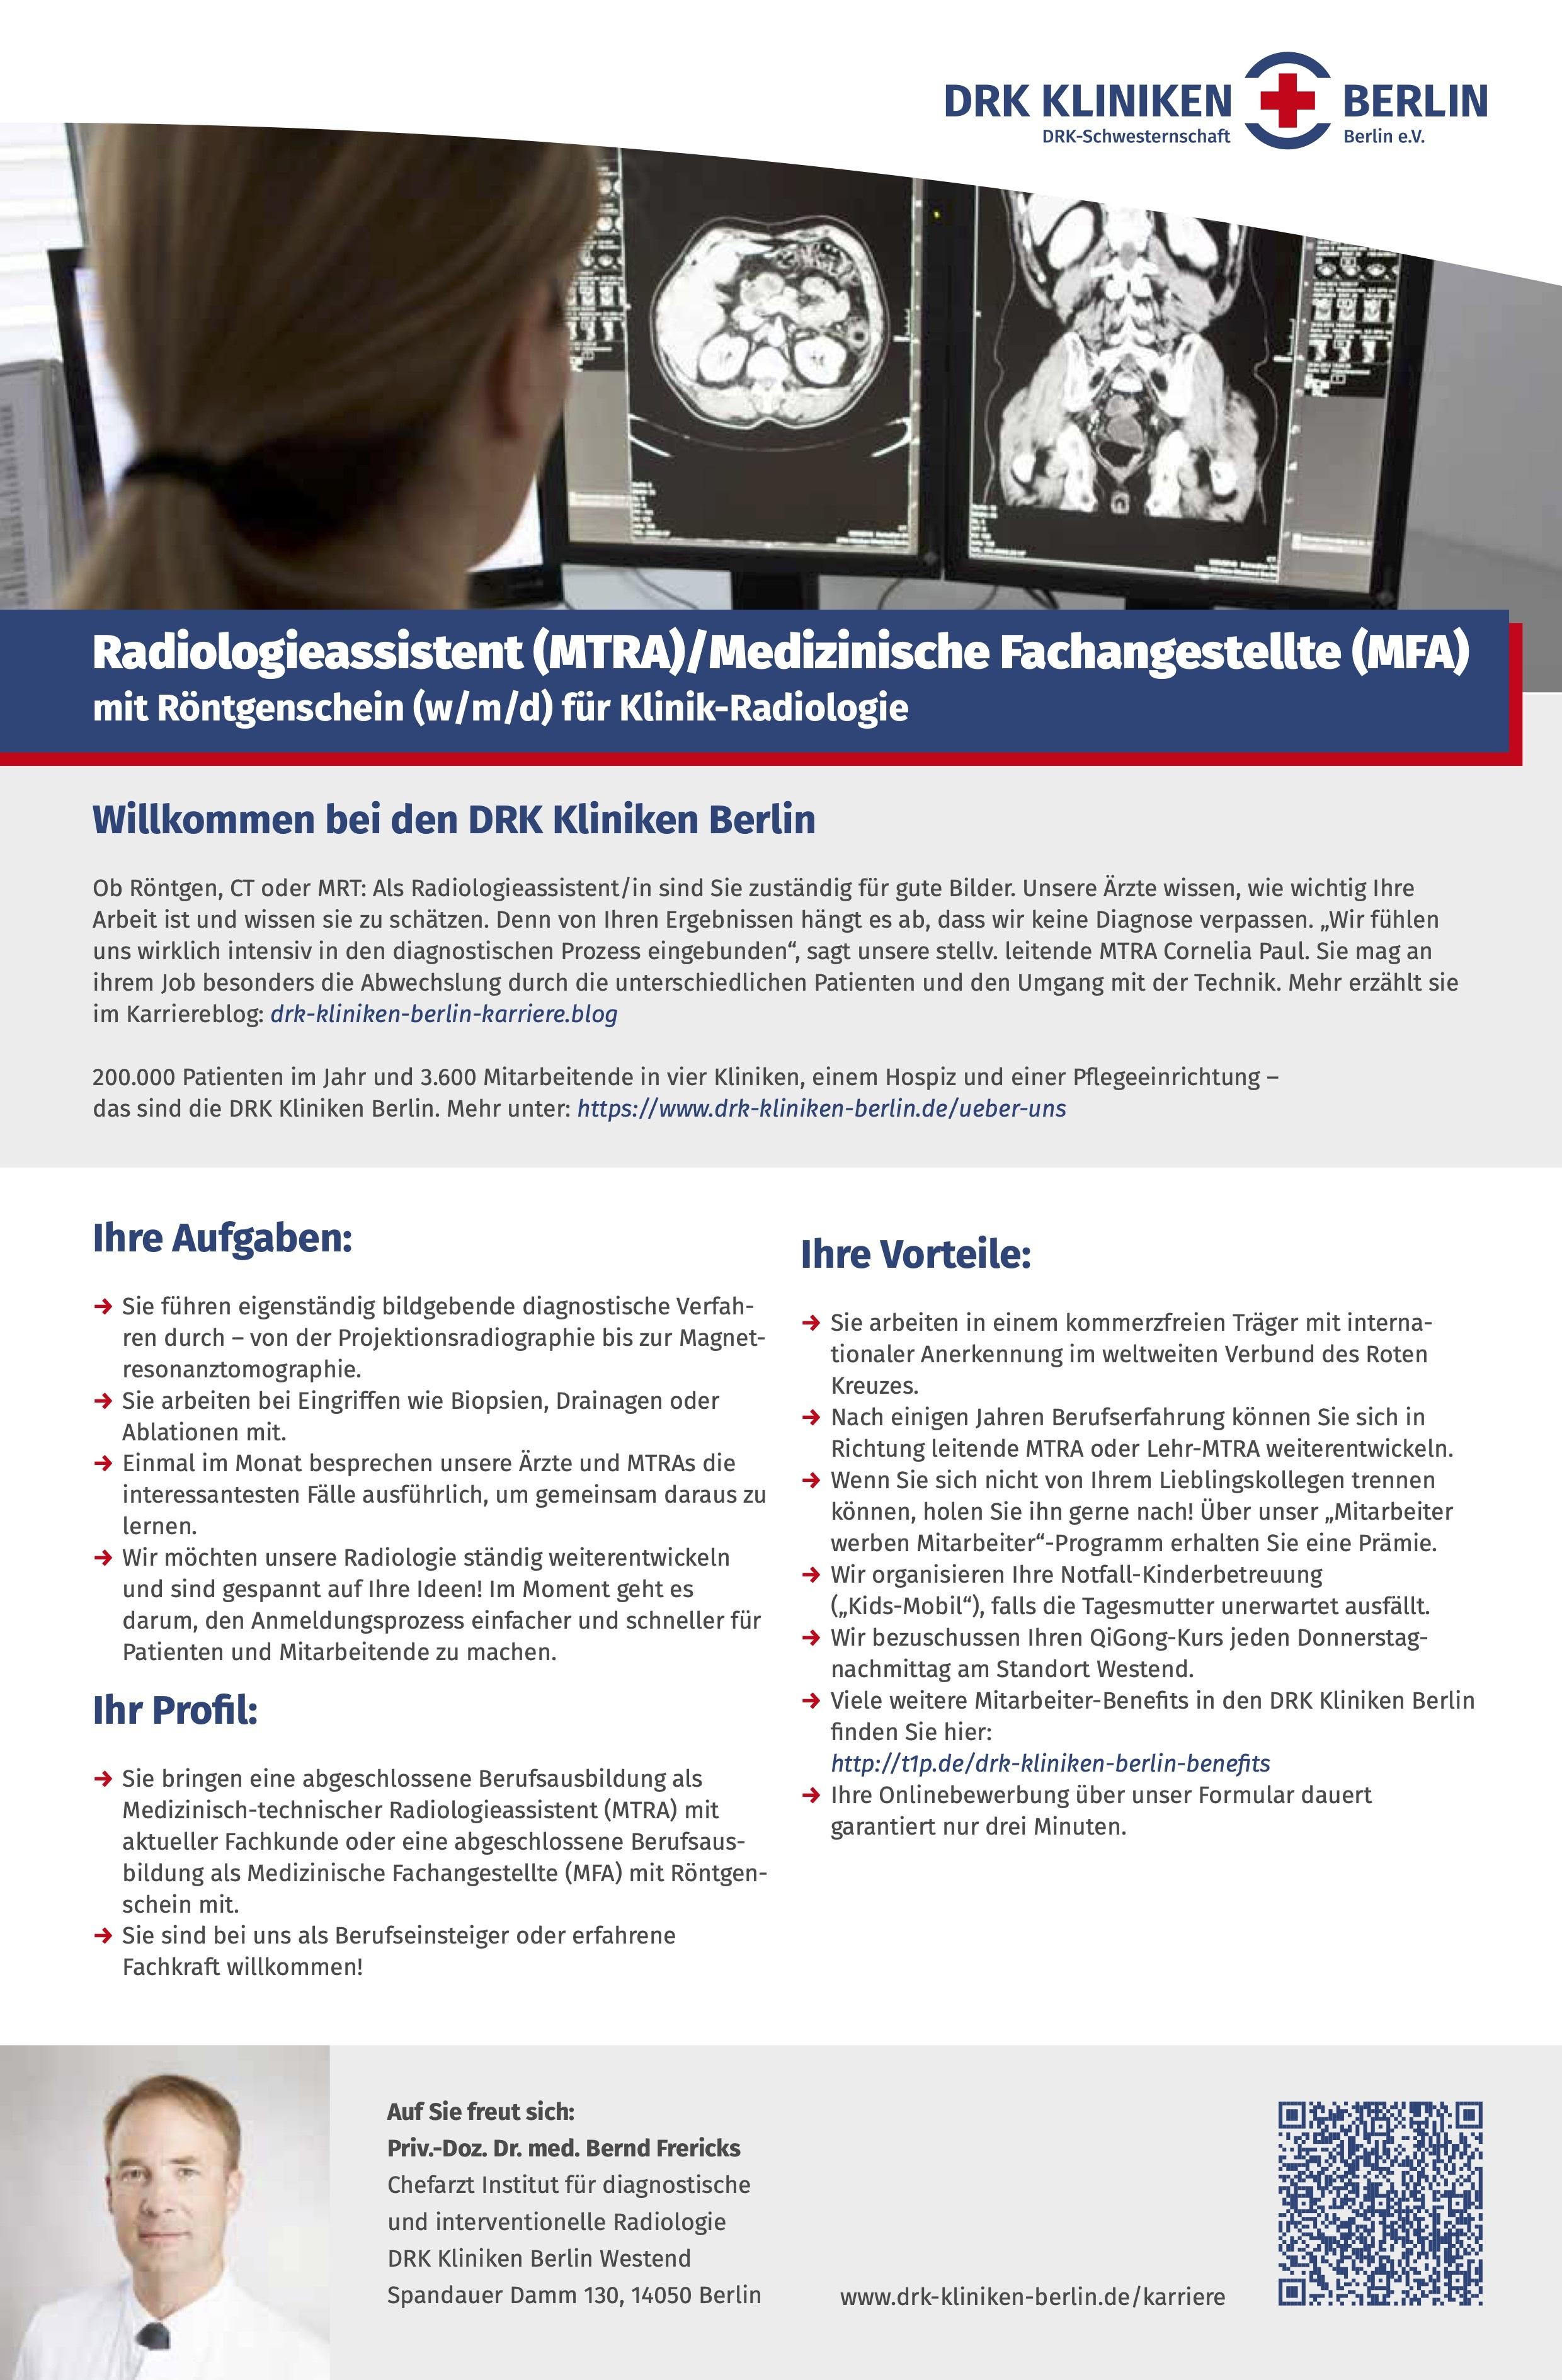 Radiologieassistent (MTRA) / Medizinische Fachangestellte (MFA)